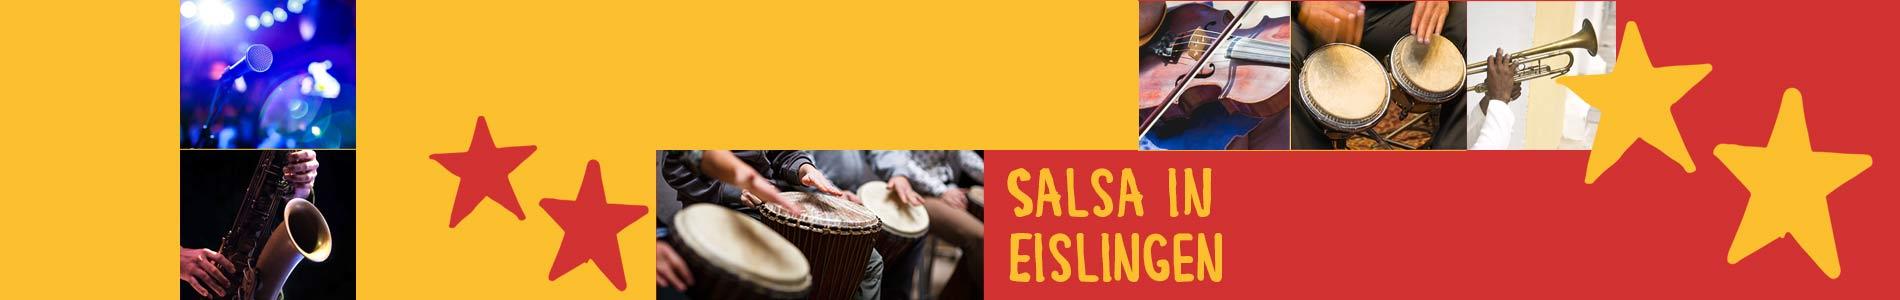 Salsa in Eislingen – Salsa lernen und tanzen, Tanzkurse, Partys, Veranstaltungen